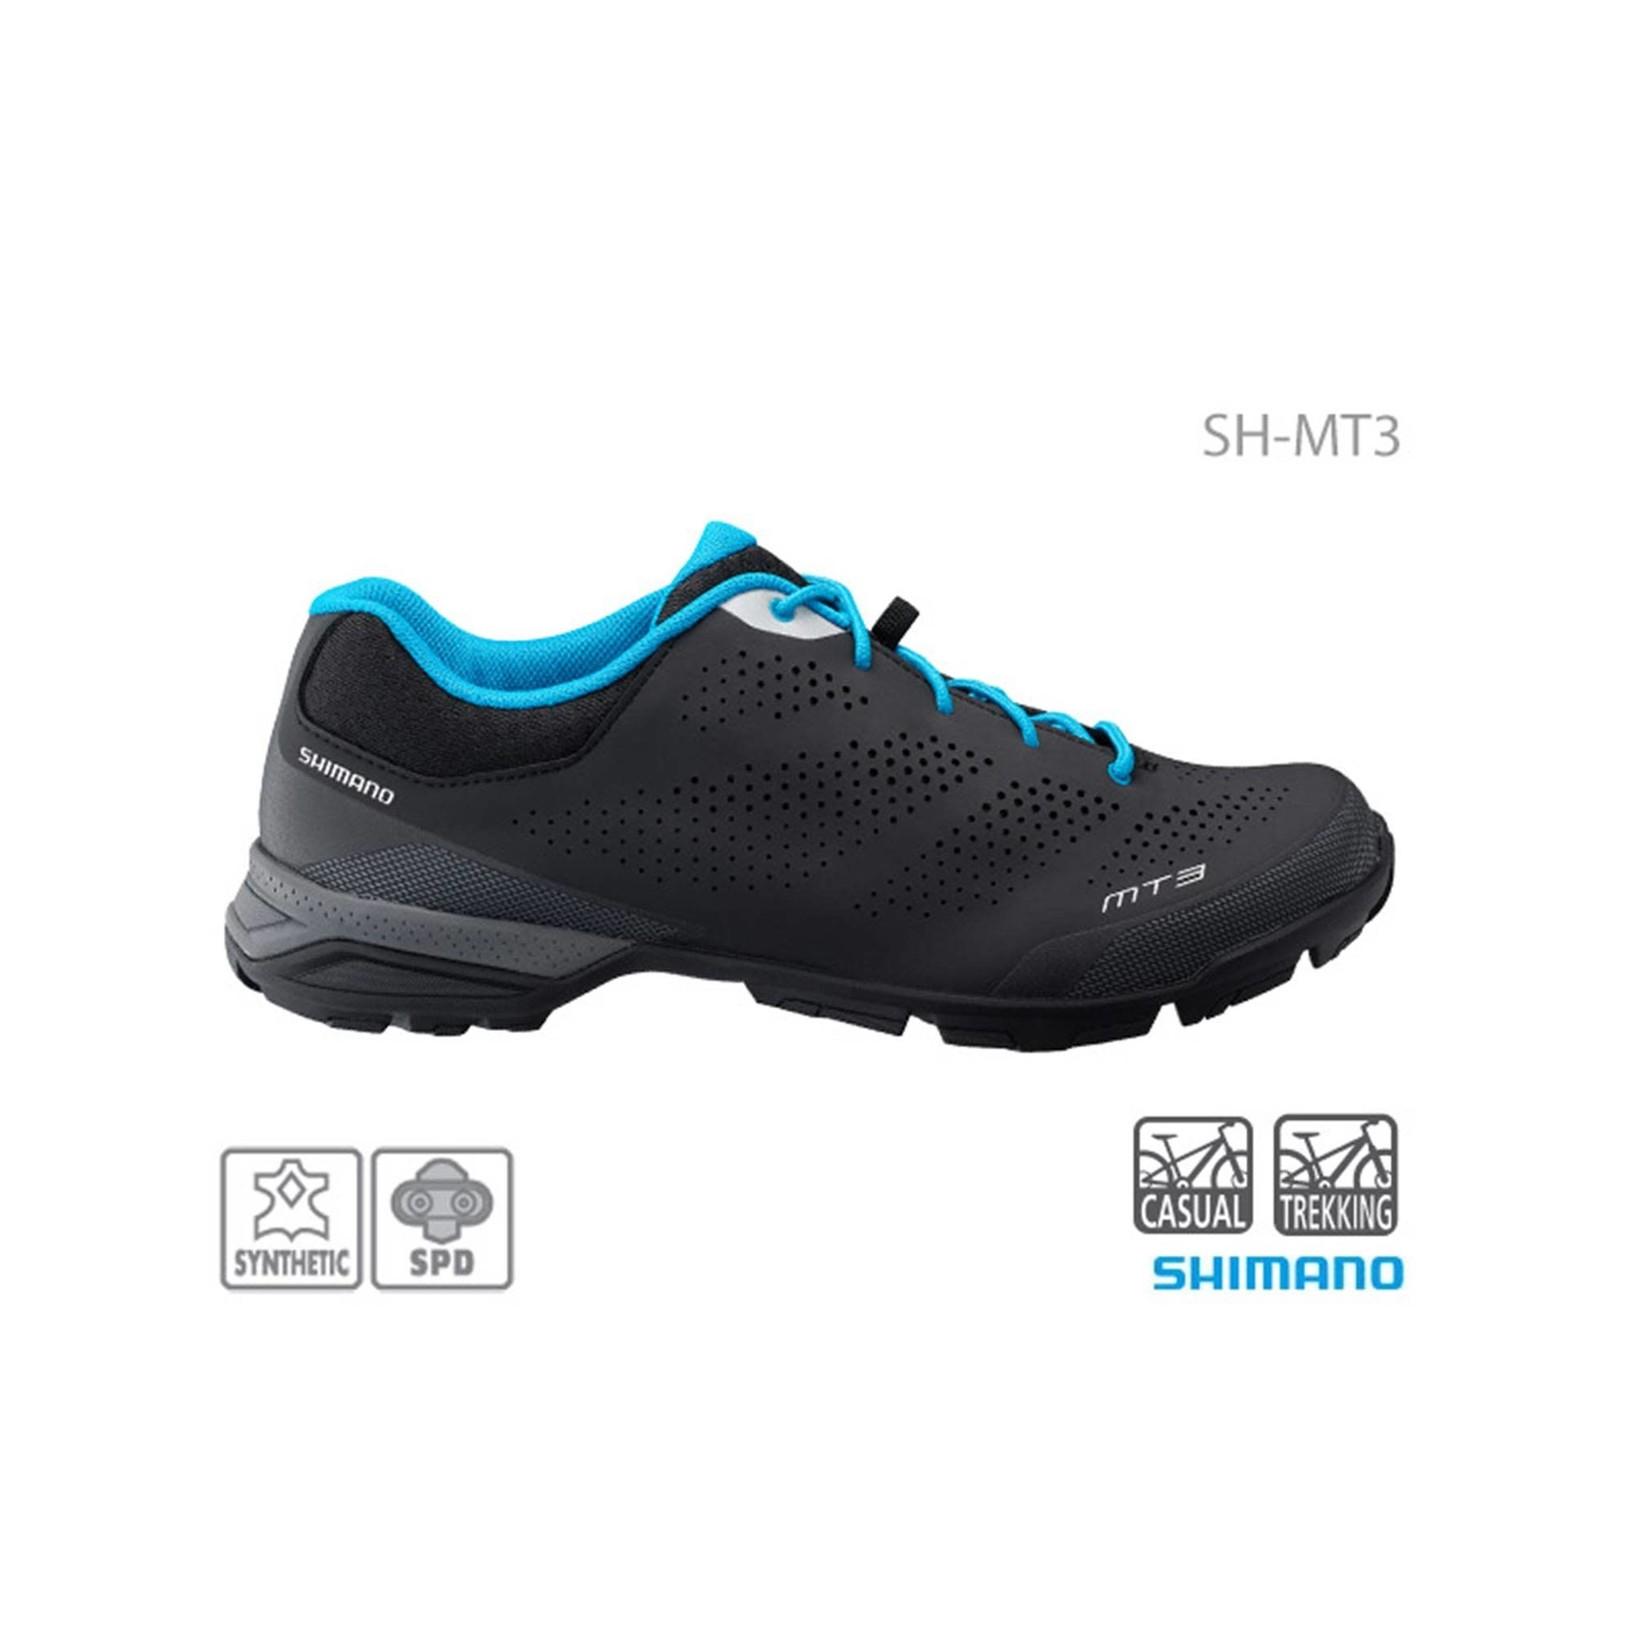 Shimano MT301 Touring Cycling Shoe MY21